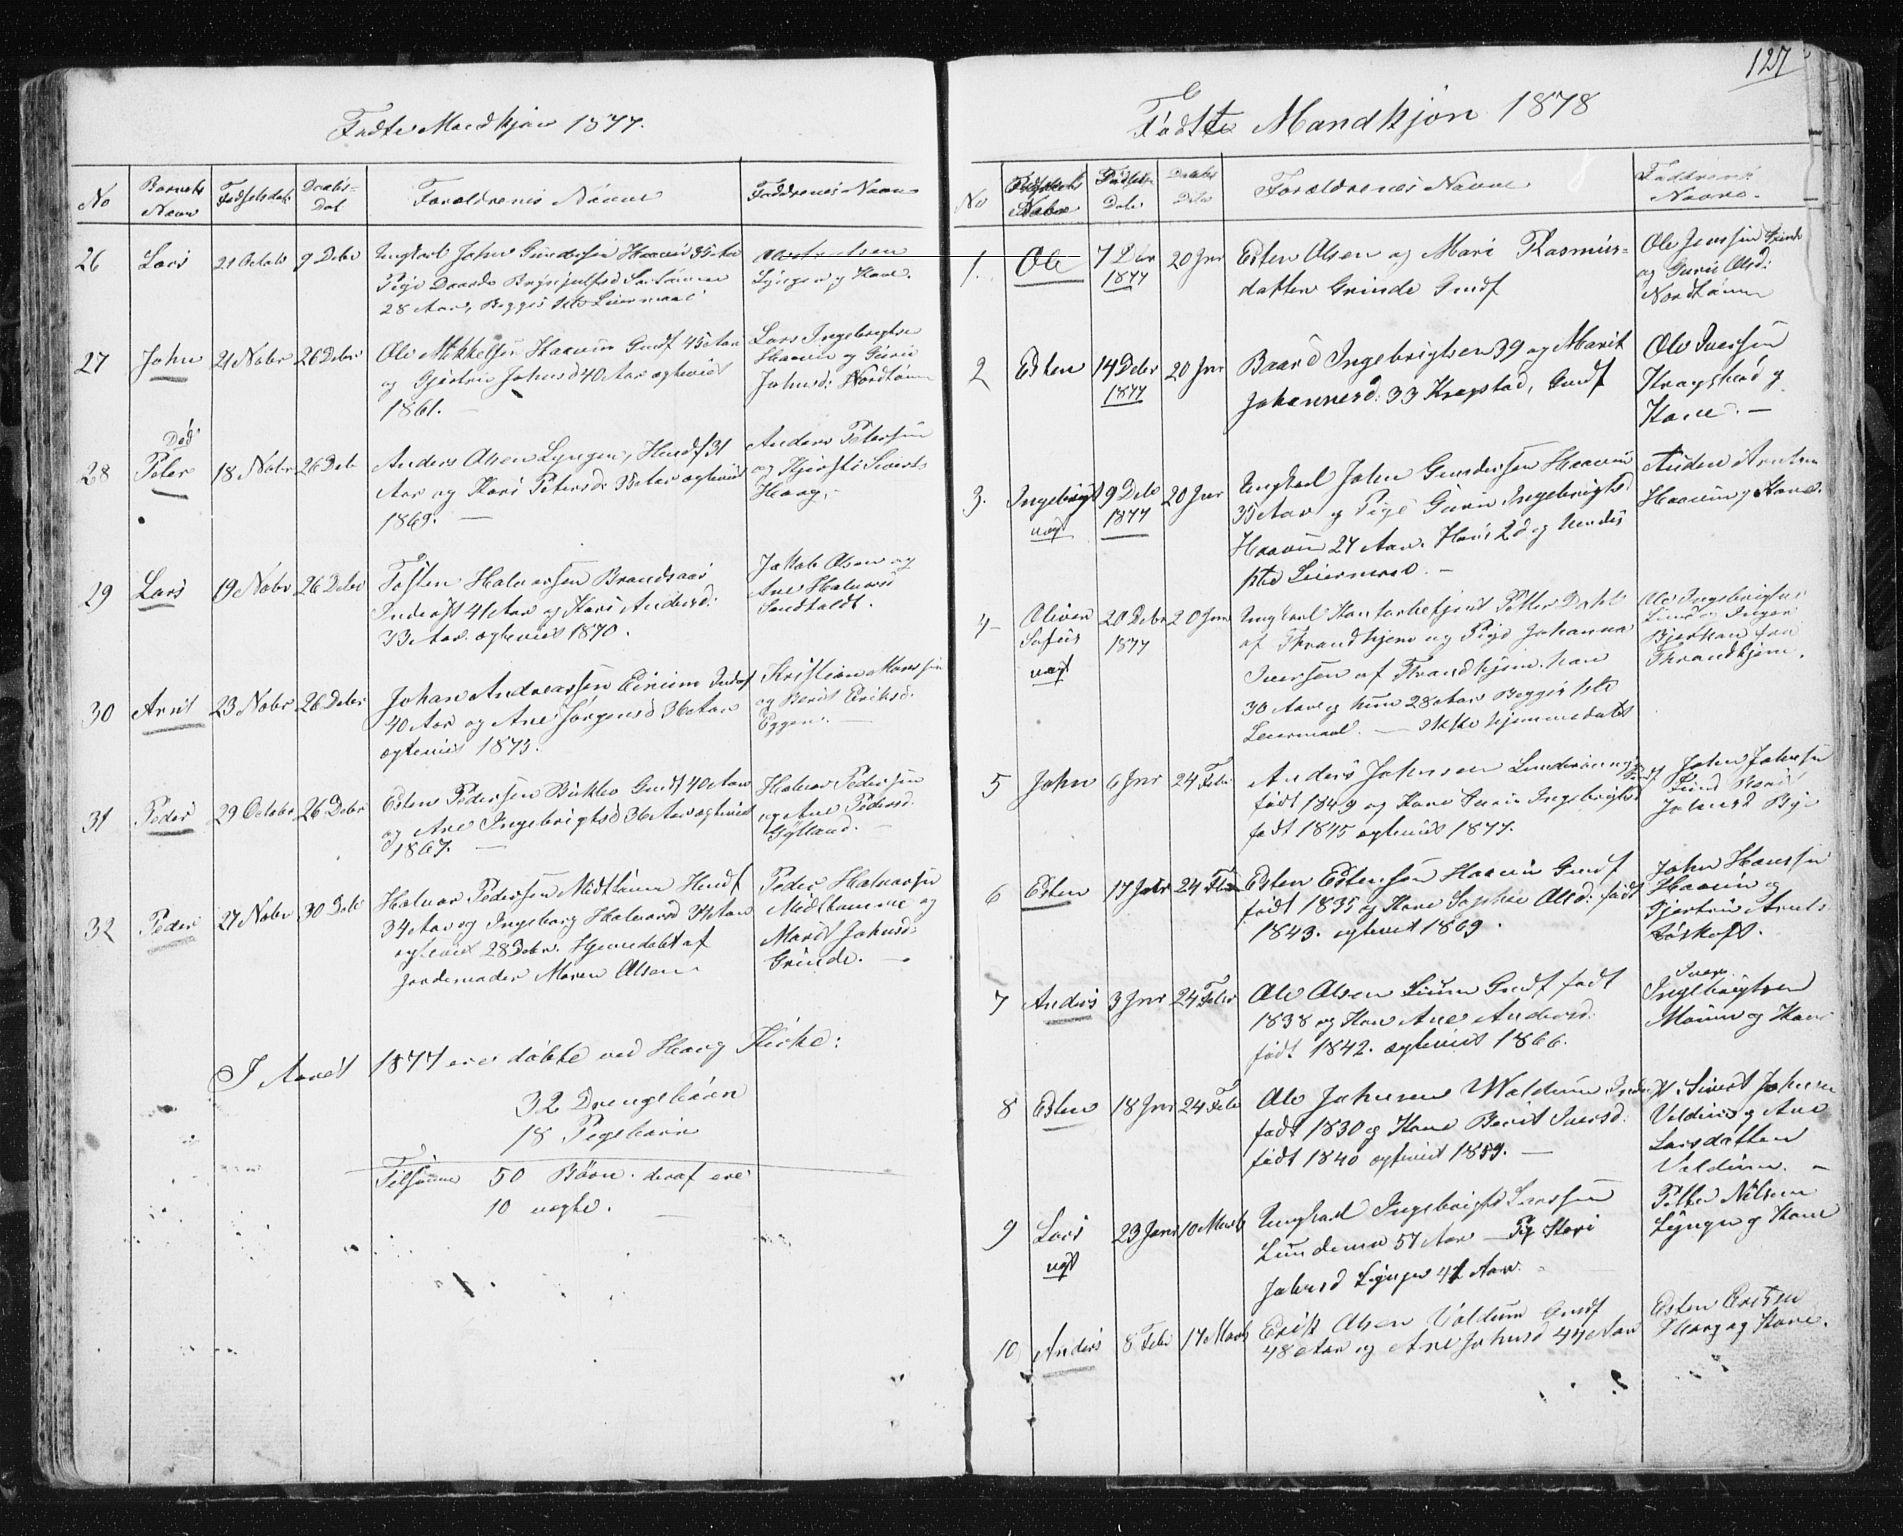 SAT, Ministerialprotokoller, klokkerbøker og fødselsregistre - Sør-Trøndelag, 692/L1110: Klokkerbok nr. 692C05, 1849-1889, s. 127